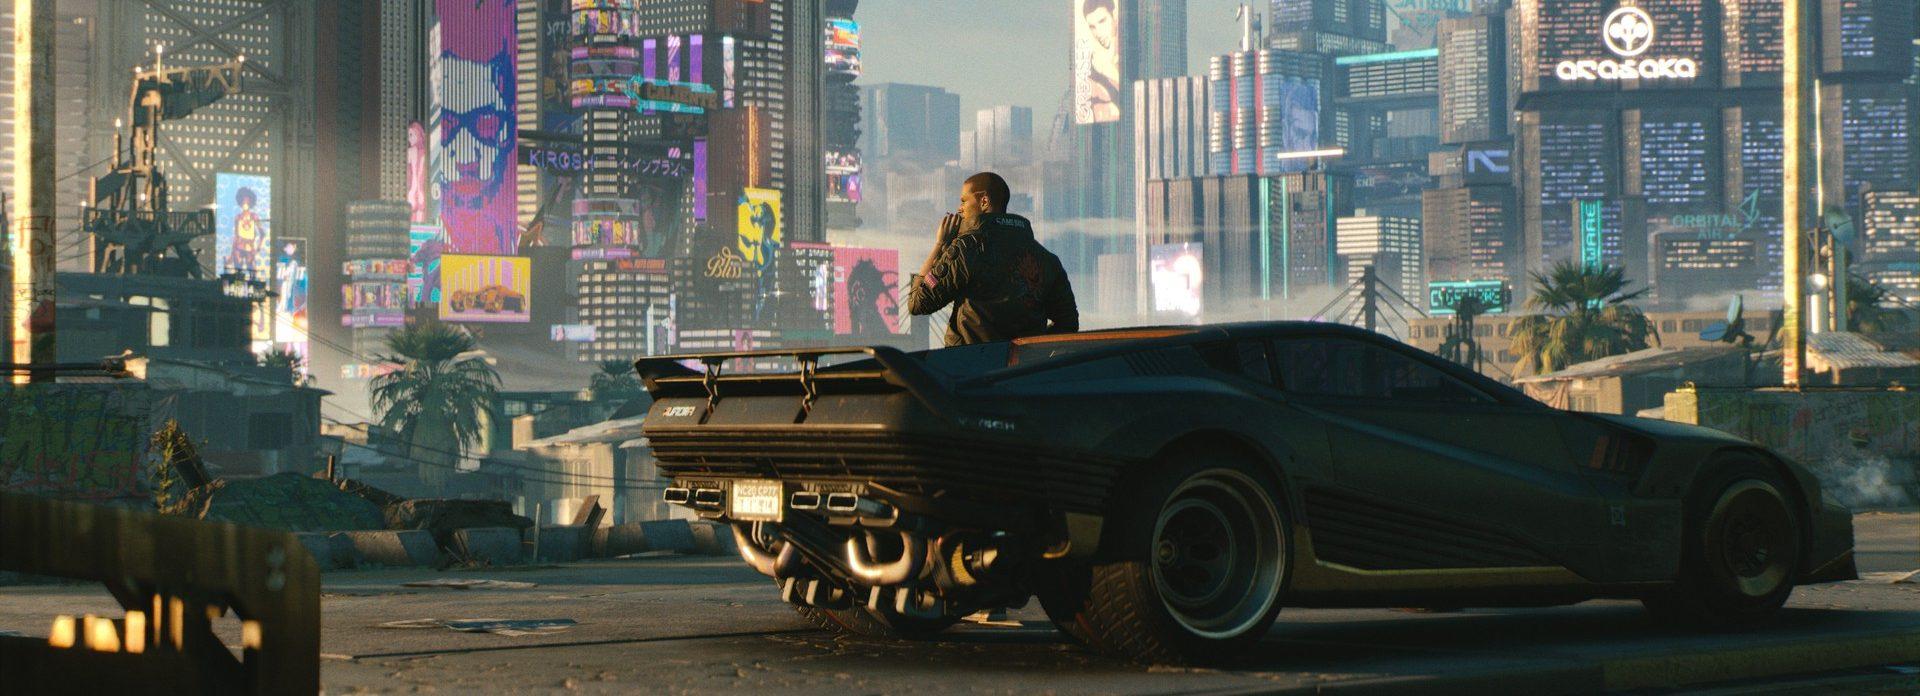 Cyberpunk 2077 برای عرضه در اواخر سال جاری میلادی برنامه ریزی شده است